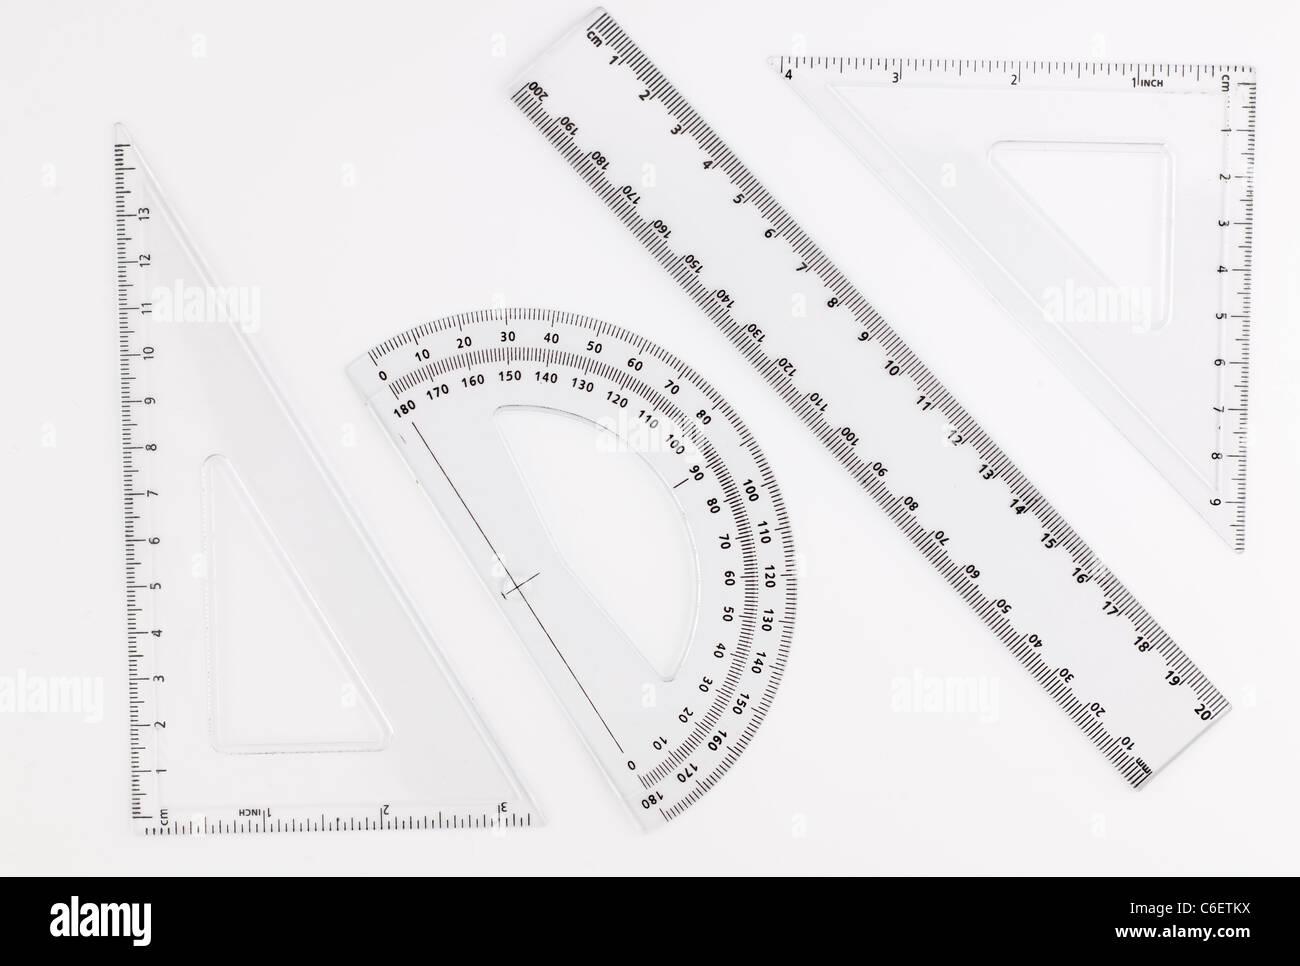 Kunststoff-Geometrie-set Stockfoto, Bild: 38435374 - Alamy